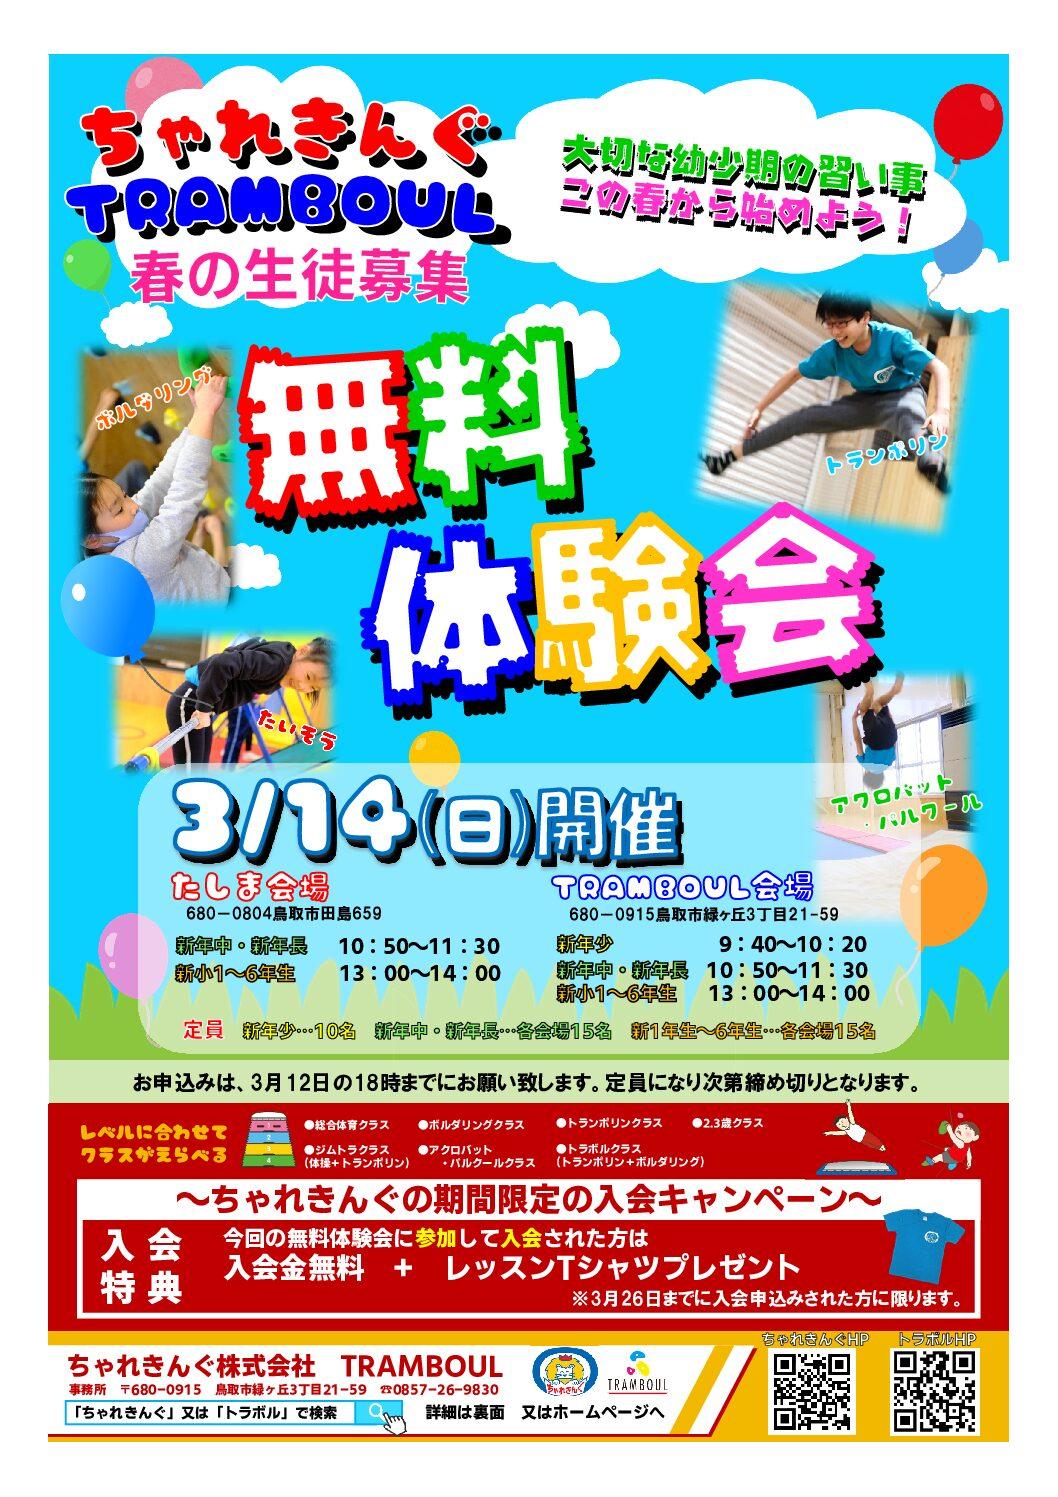 【3/14(日)】2021年 新年度生徒募集開始‼ のご案内 【無料体験会開催】